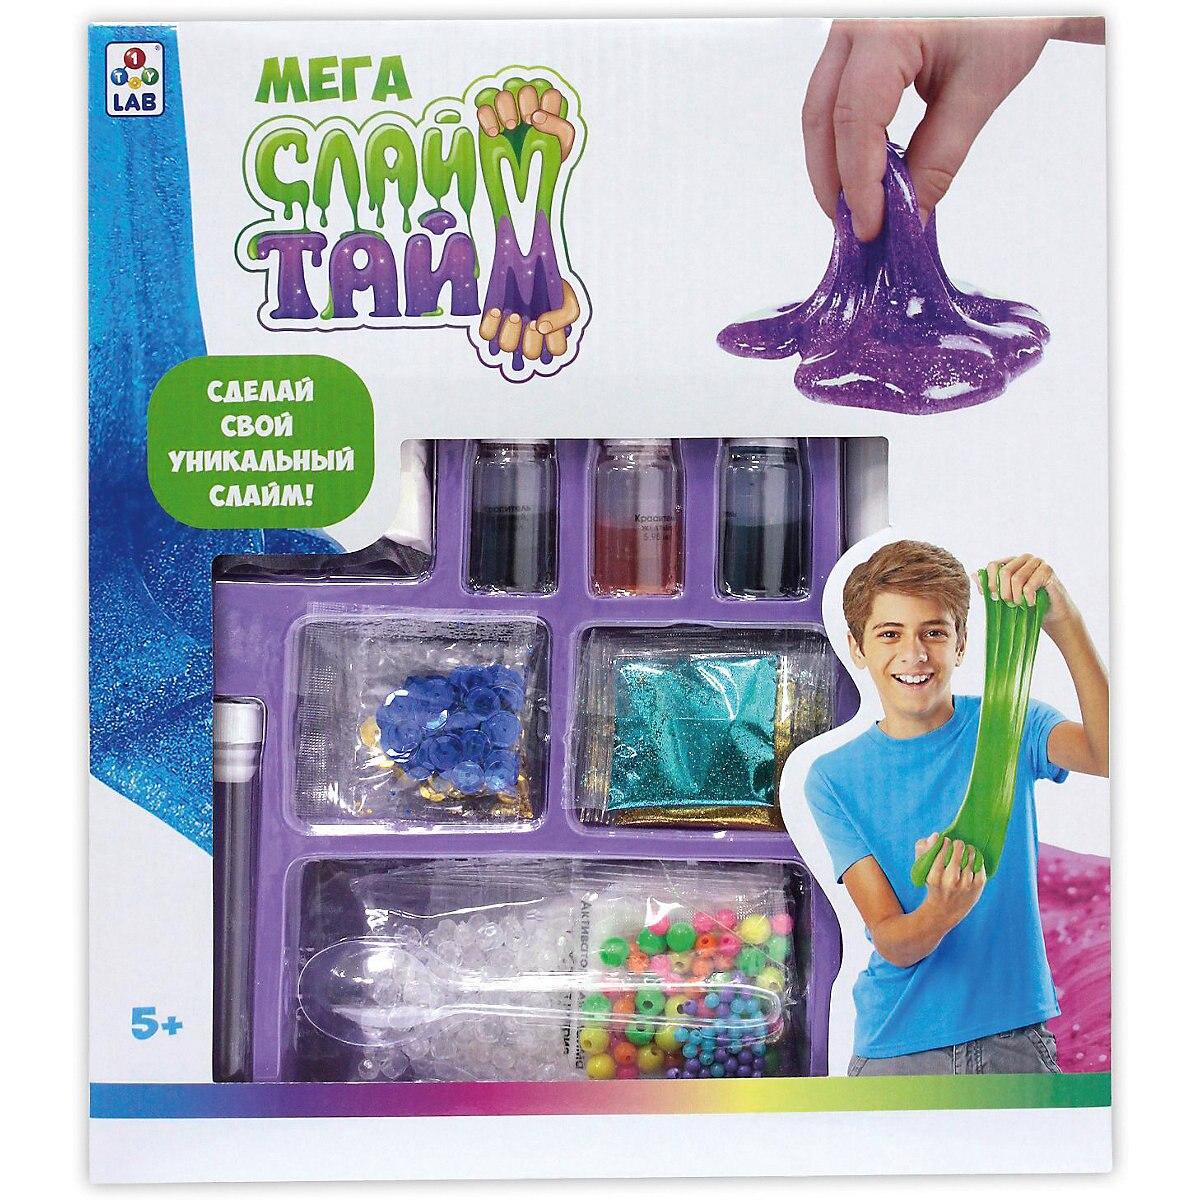 1TOY Science 8574114 expériences pour enfants technologie jouets jouer jeu fille filles garçon pâte à modeler main gomme apprentissage éducation